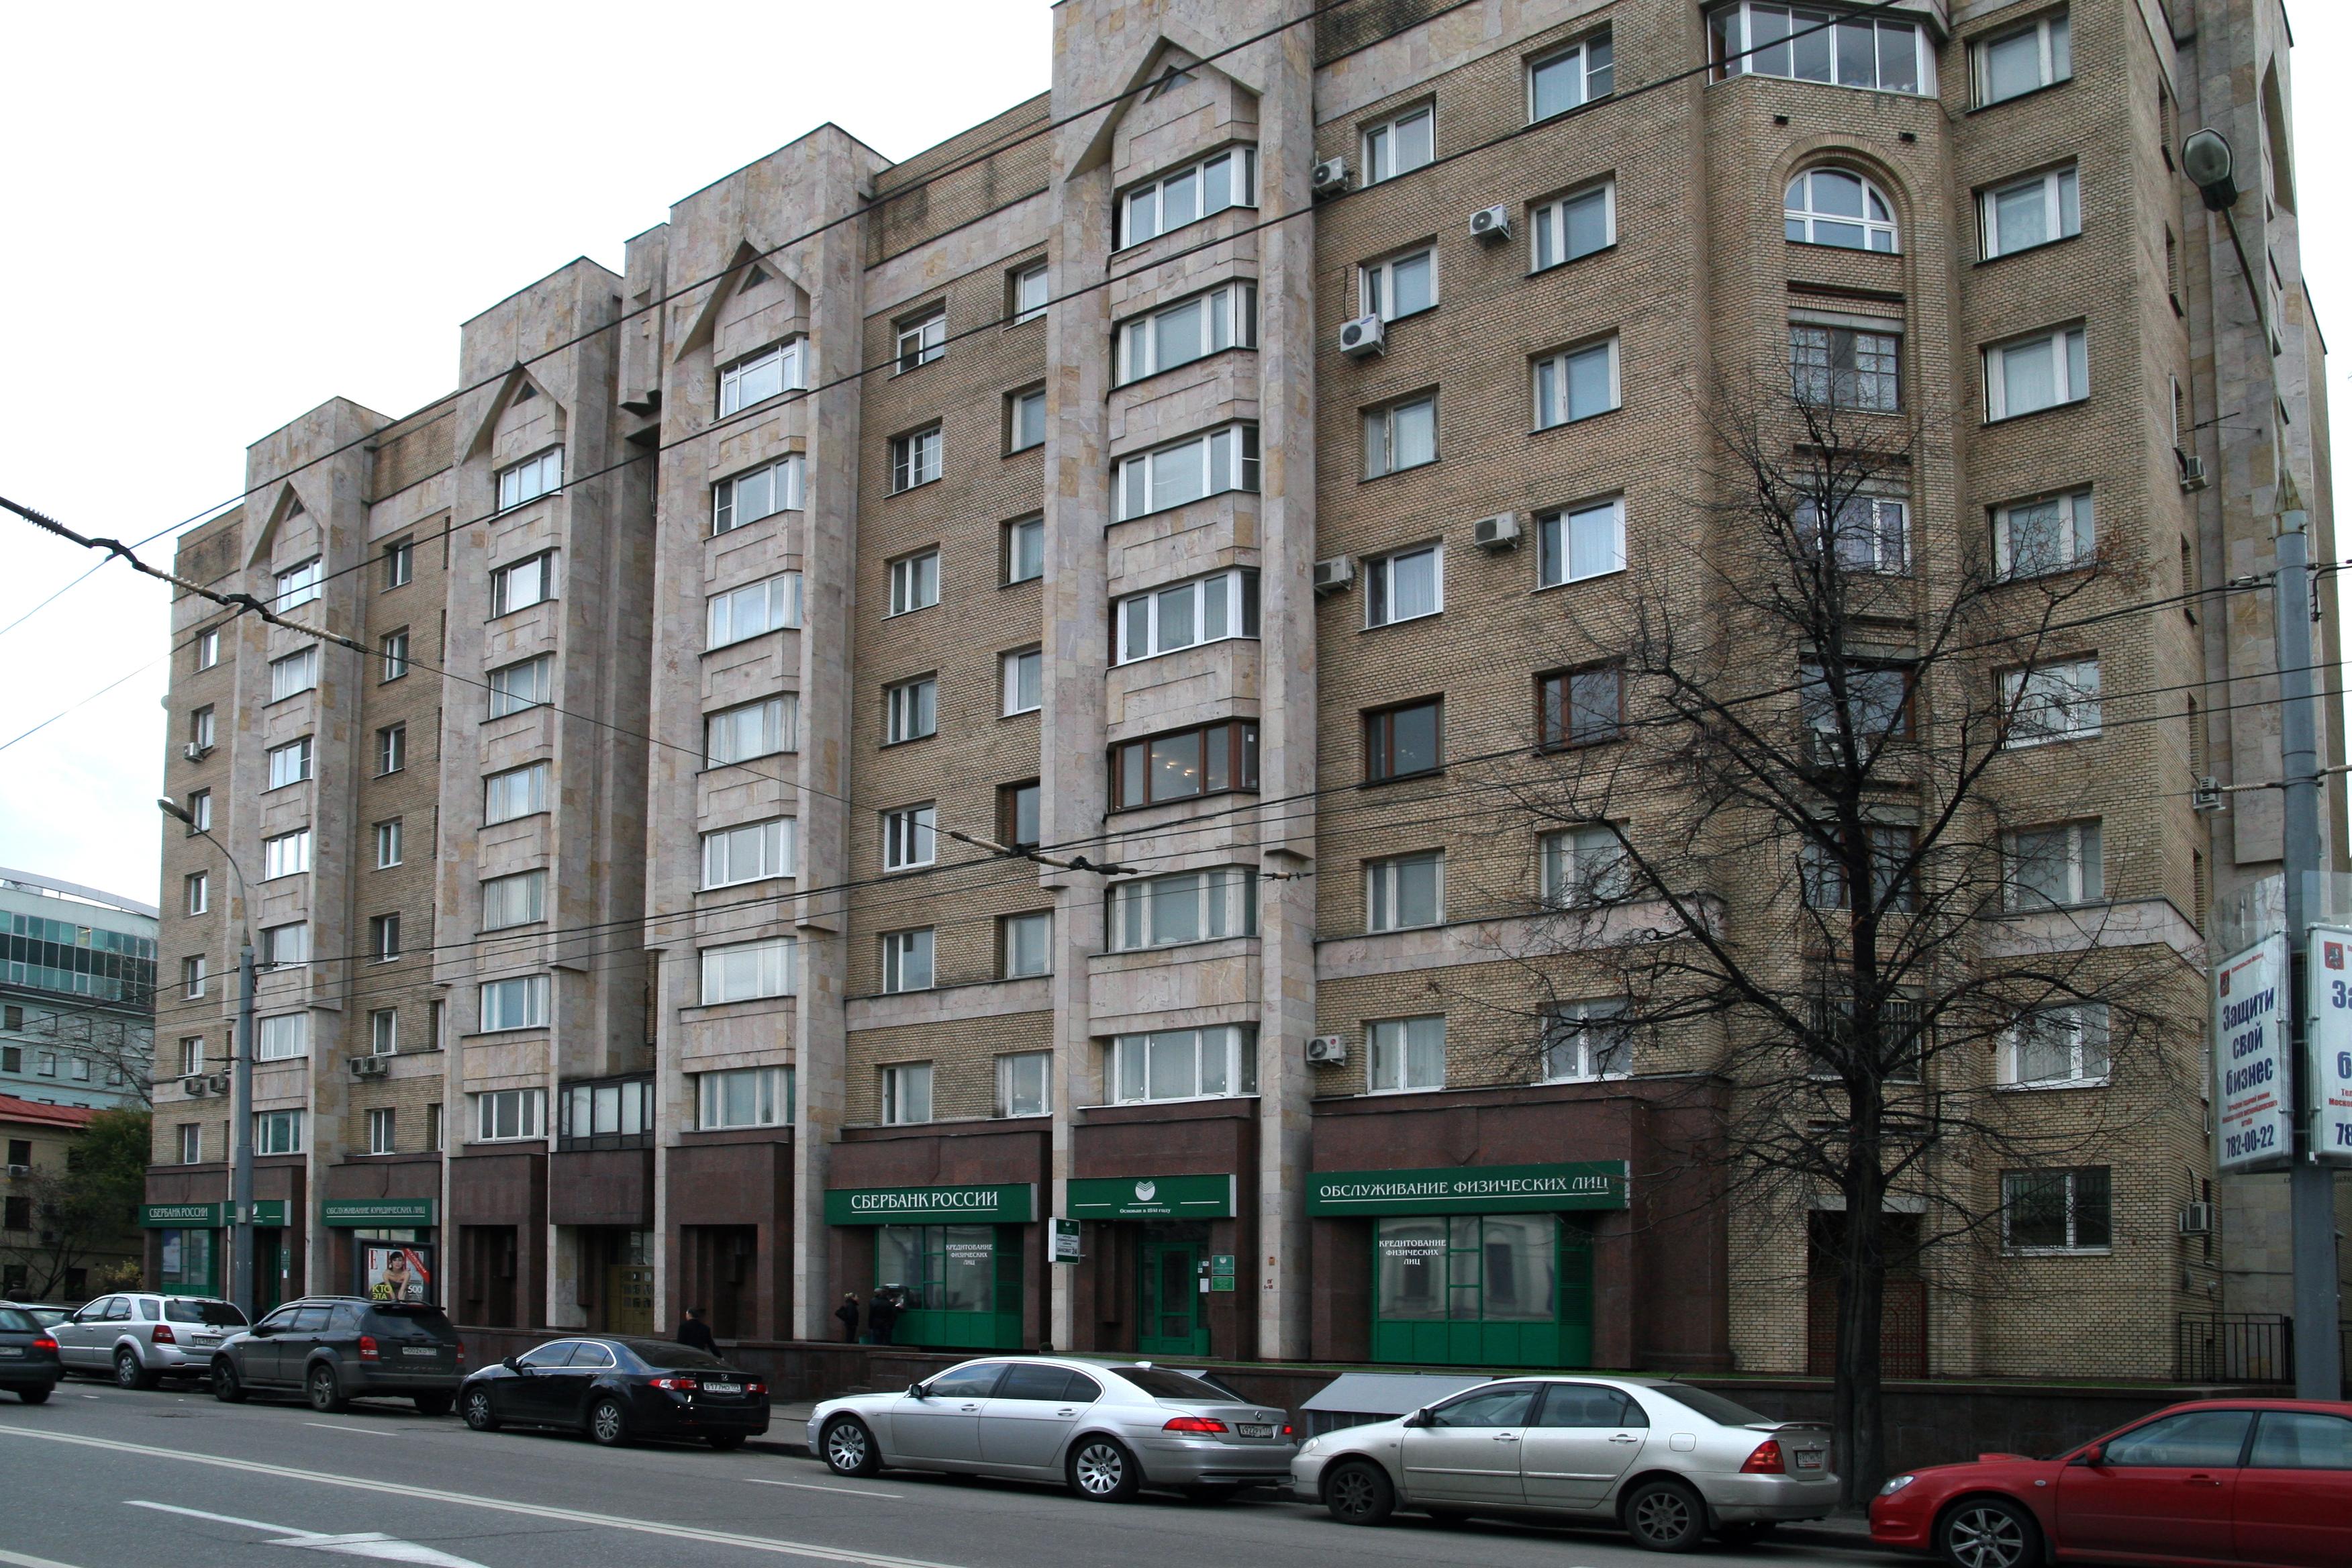 Исправить кредитную историю Перуновский переулок форма 3 ндфл скачать бесплатно